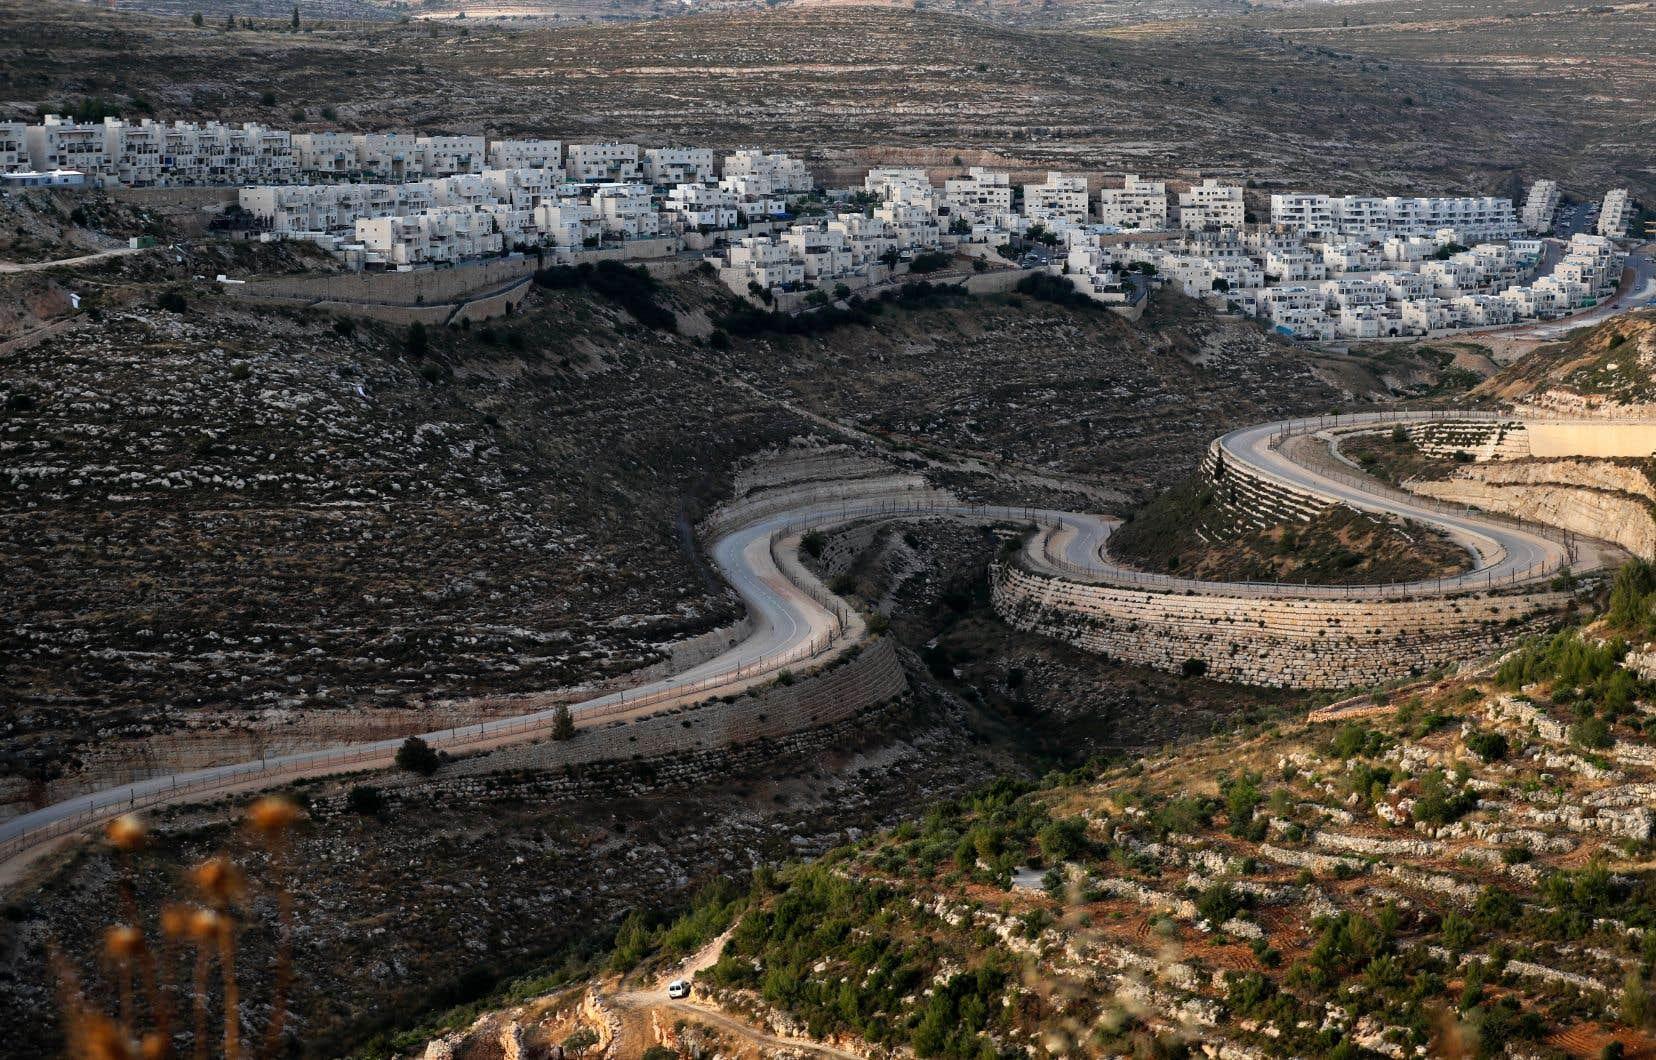 Le premier ministre israélien, Benjamin Nétanyahou, présentera le 1er juillet la mise en œuvre du plan américain de résolution du conflit israélo-palestinien, qui prévoit l'annexion par Israël de la vallée du Jourdain et des colonies juives en Cisjordanie occupée. Sur la photo, la colonie juive de Givat Zeev, près de Ramallah, en Cisjordanie.